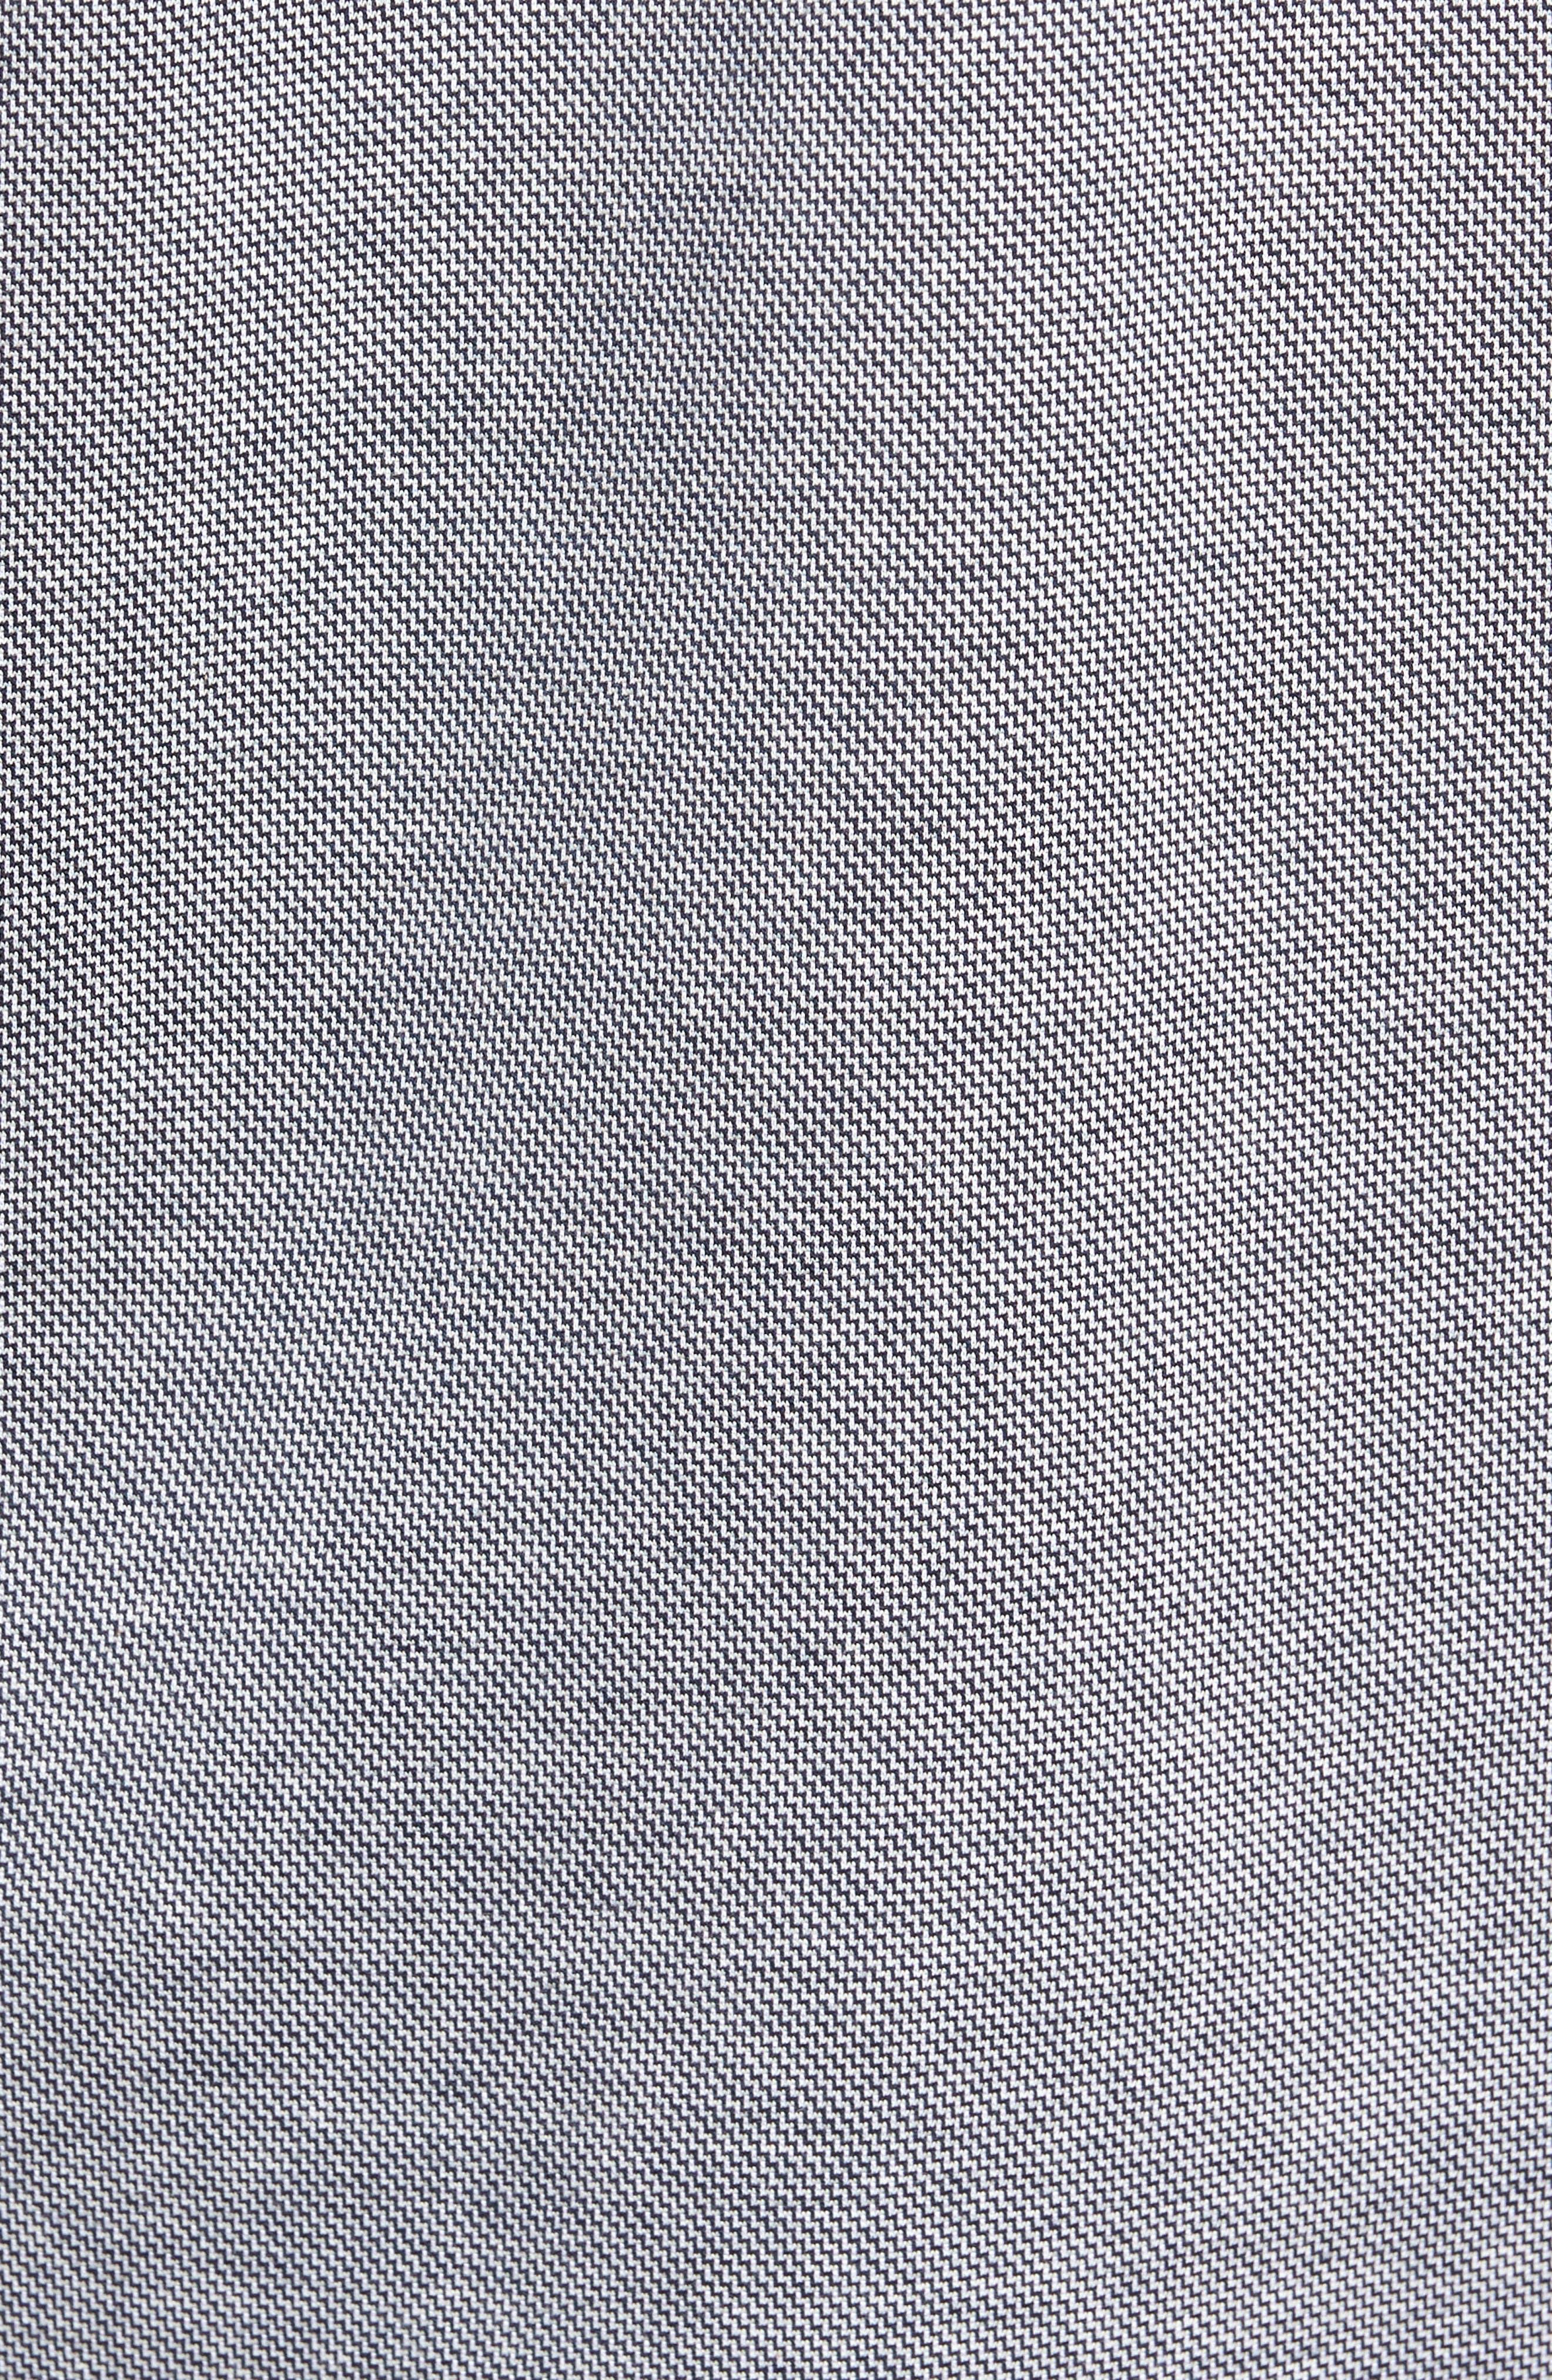 Verde Jacquard Mercerized Cotton Polo,                             Alternate thumbnail 13, color,